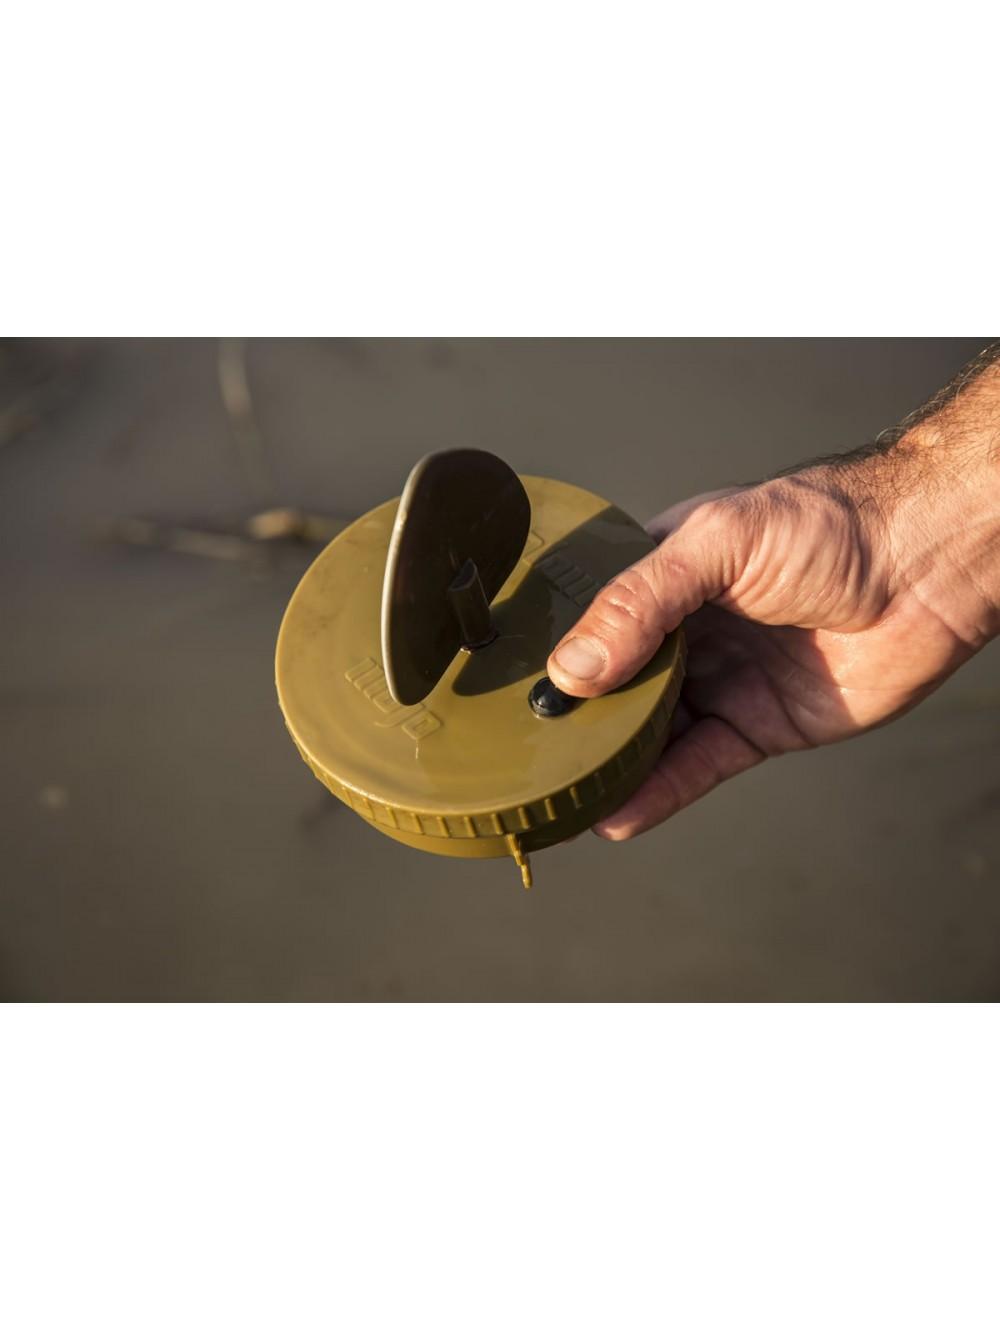 приманка из манки для ловли рыбы